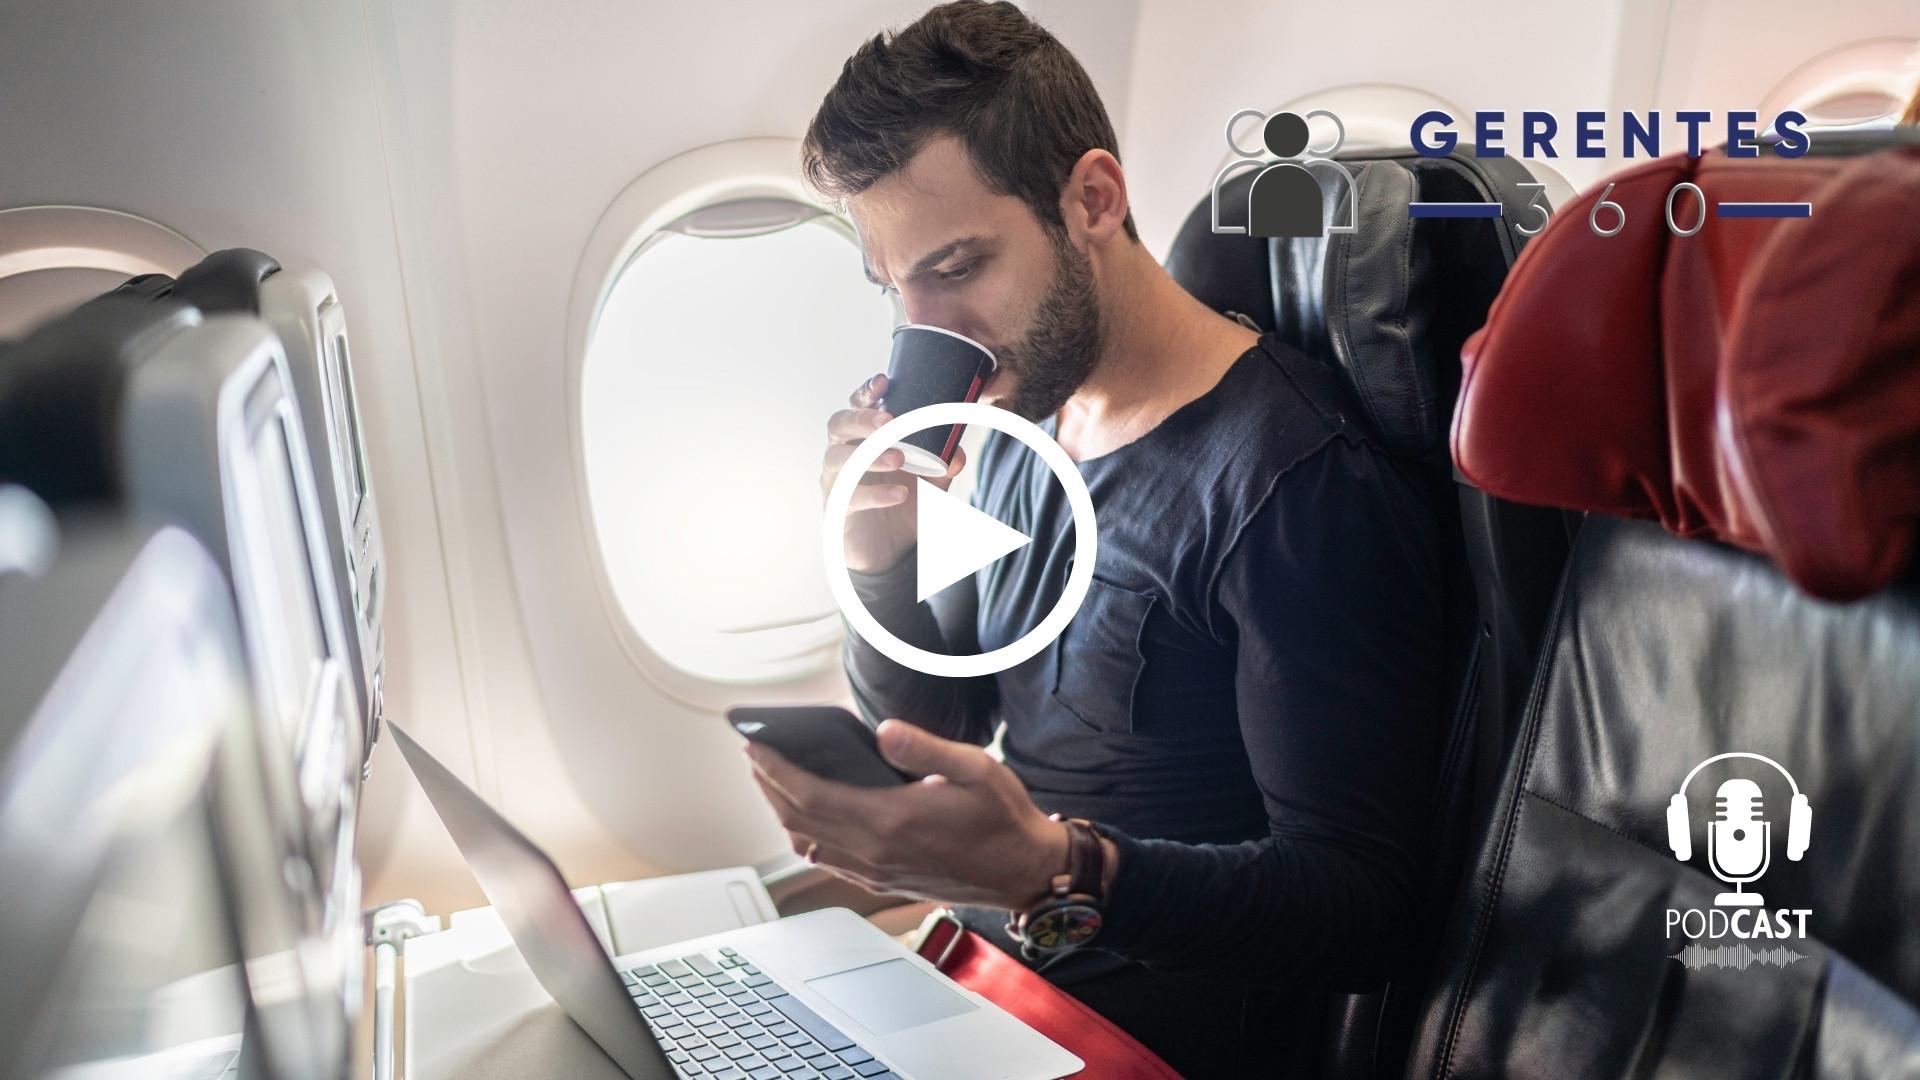 Pasajeros de American Airlines podrán ver gratis videos de TikTok y Venezuela elimina seis ceros a su moneda y crea el Bolívar Digital.